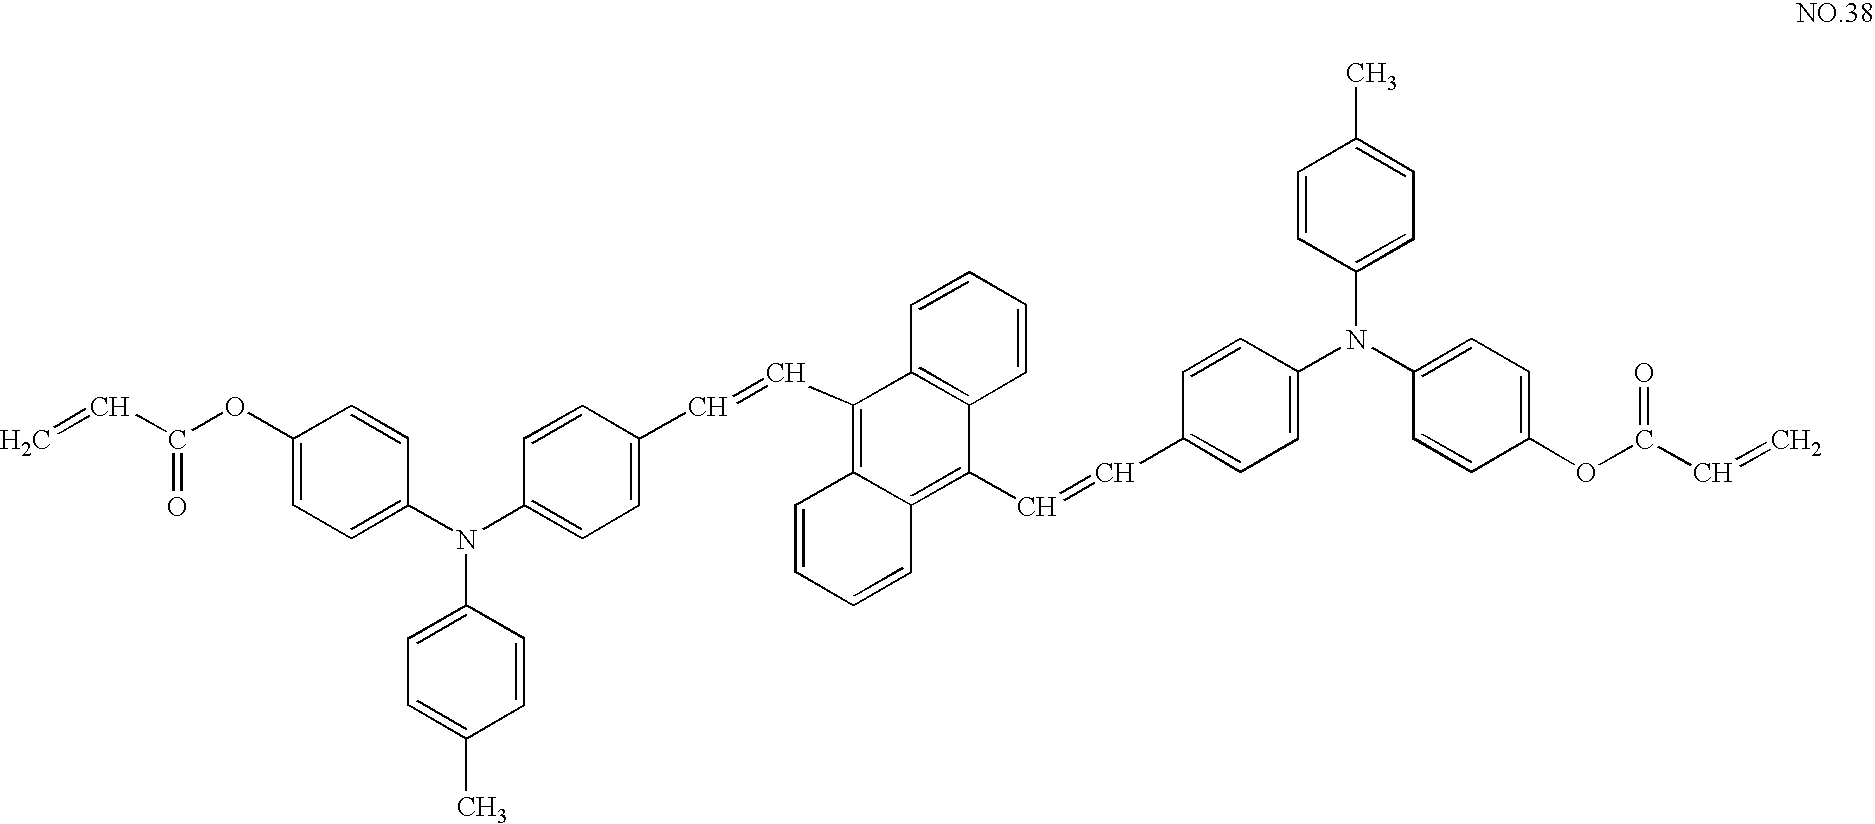 Figure US20070031746A1-20070208-C00019